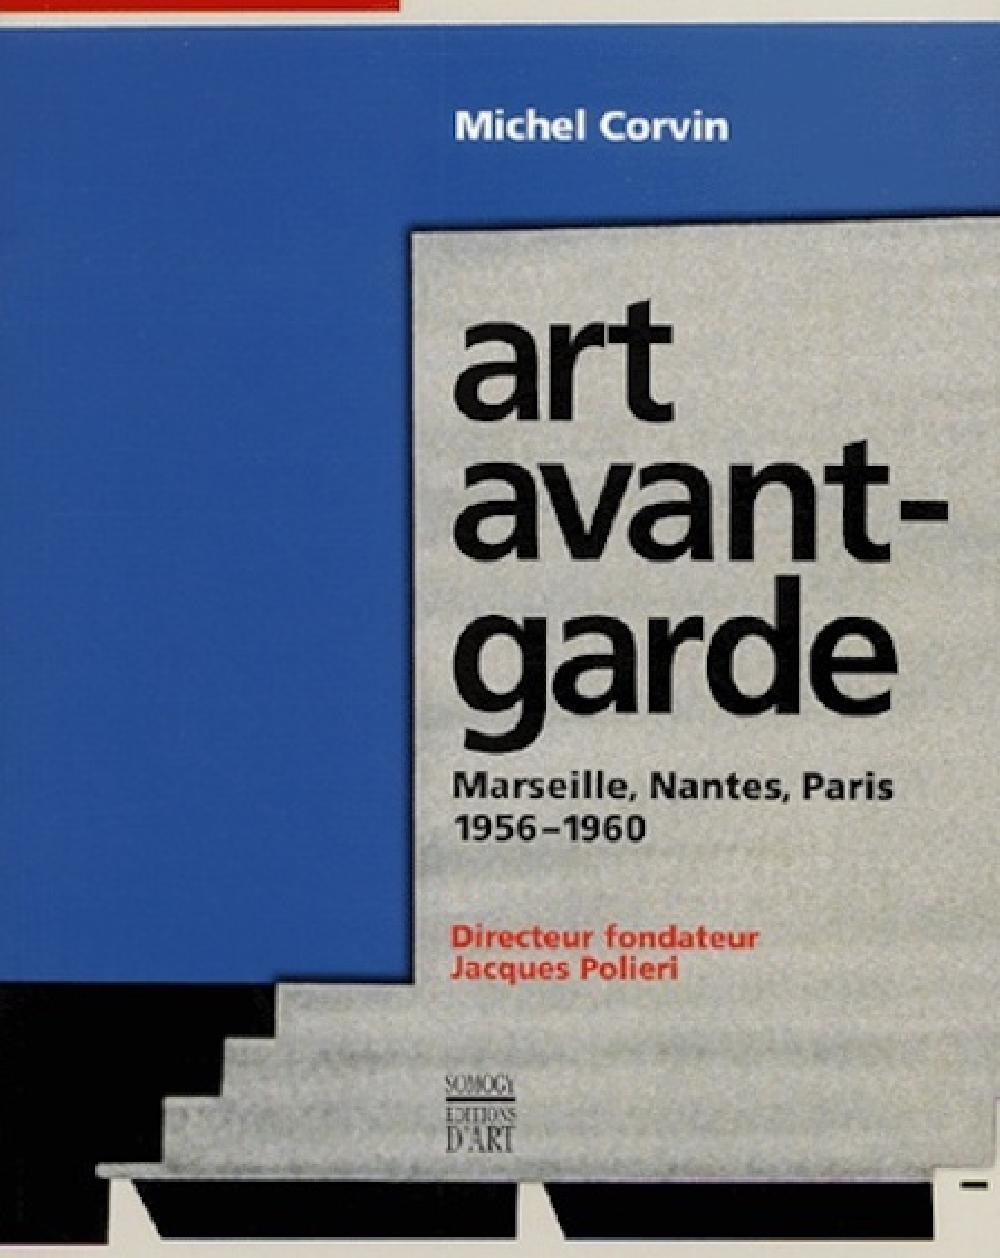 Festivals de l'Art avant-garde